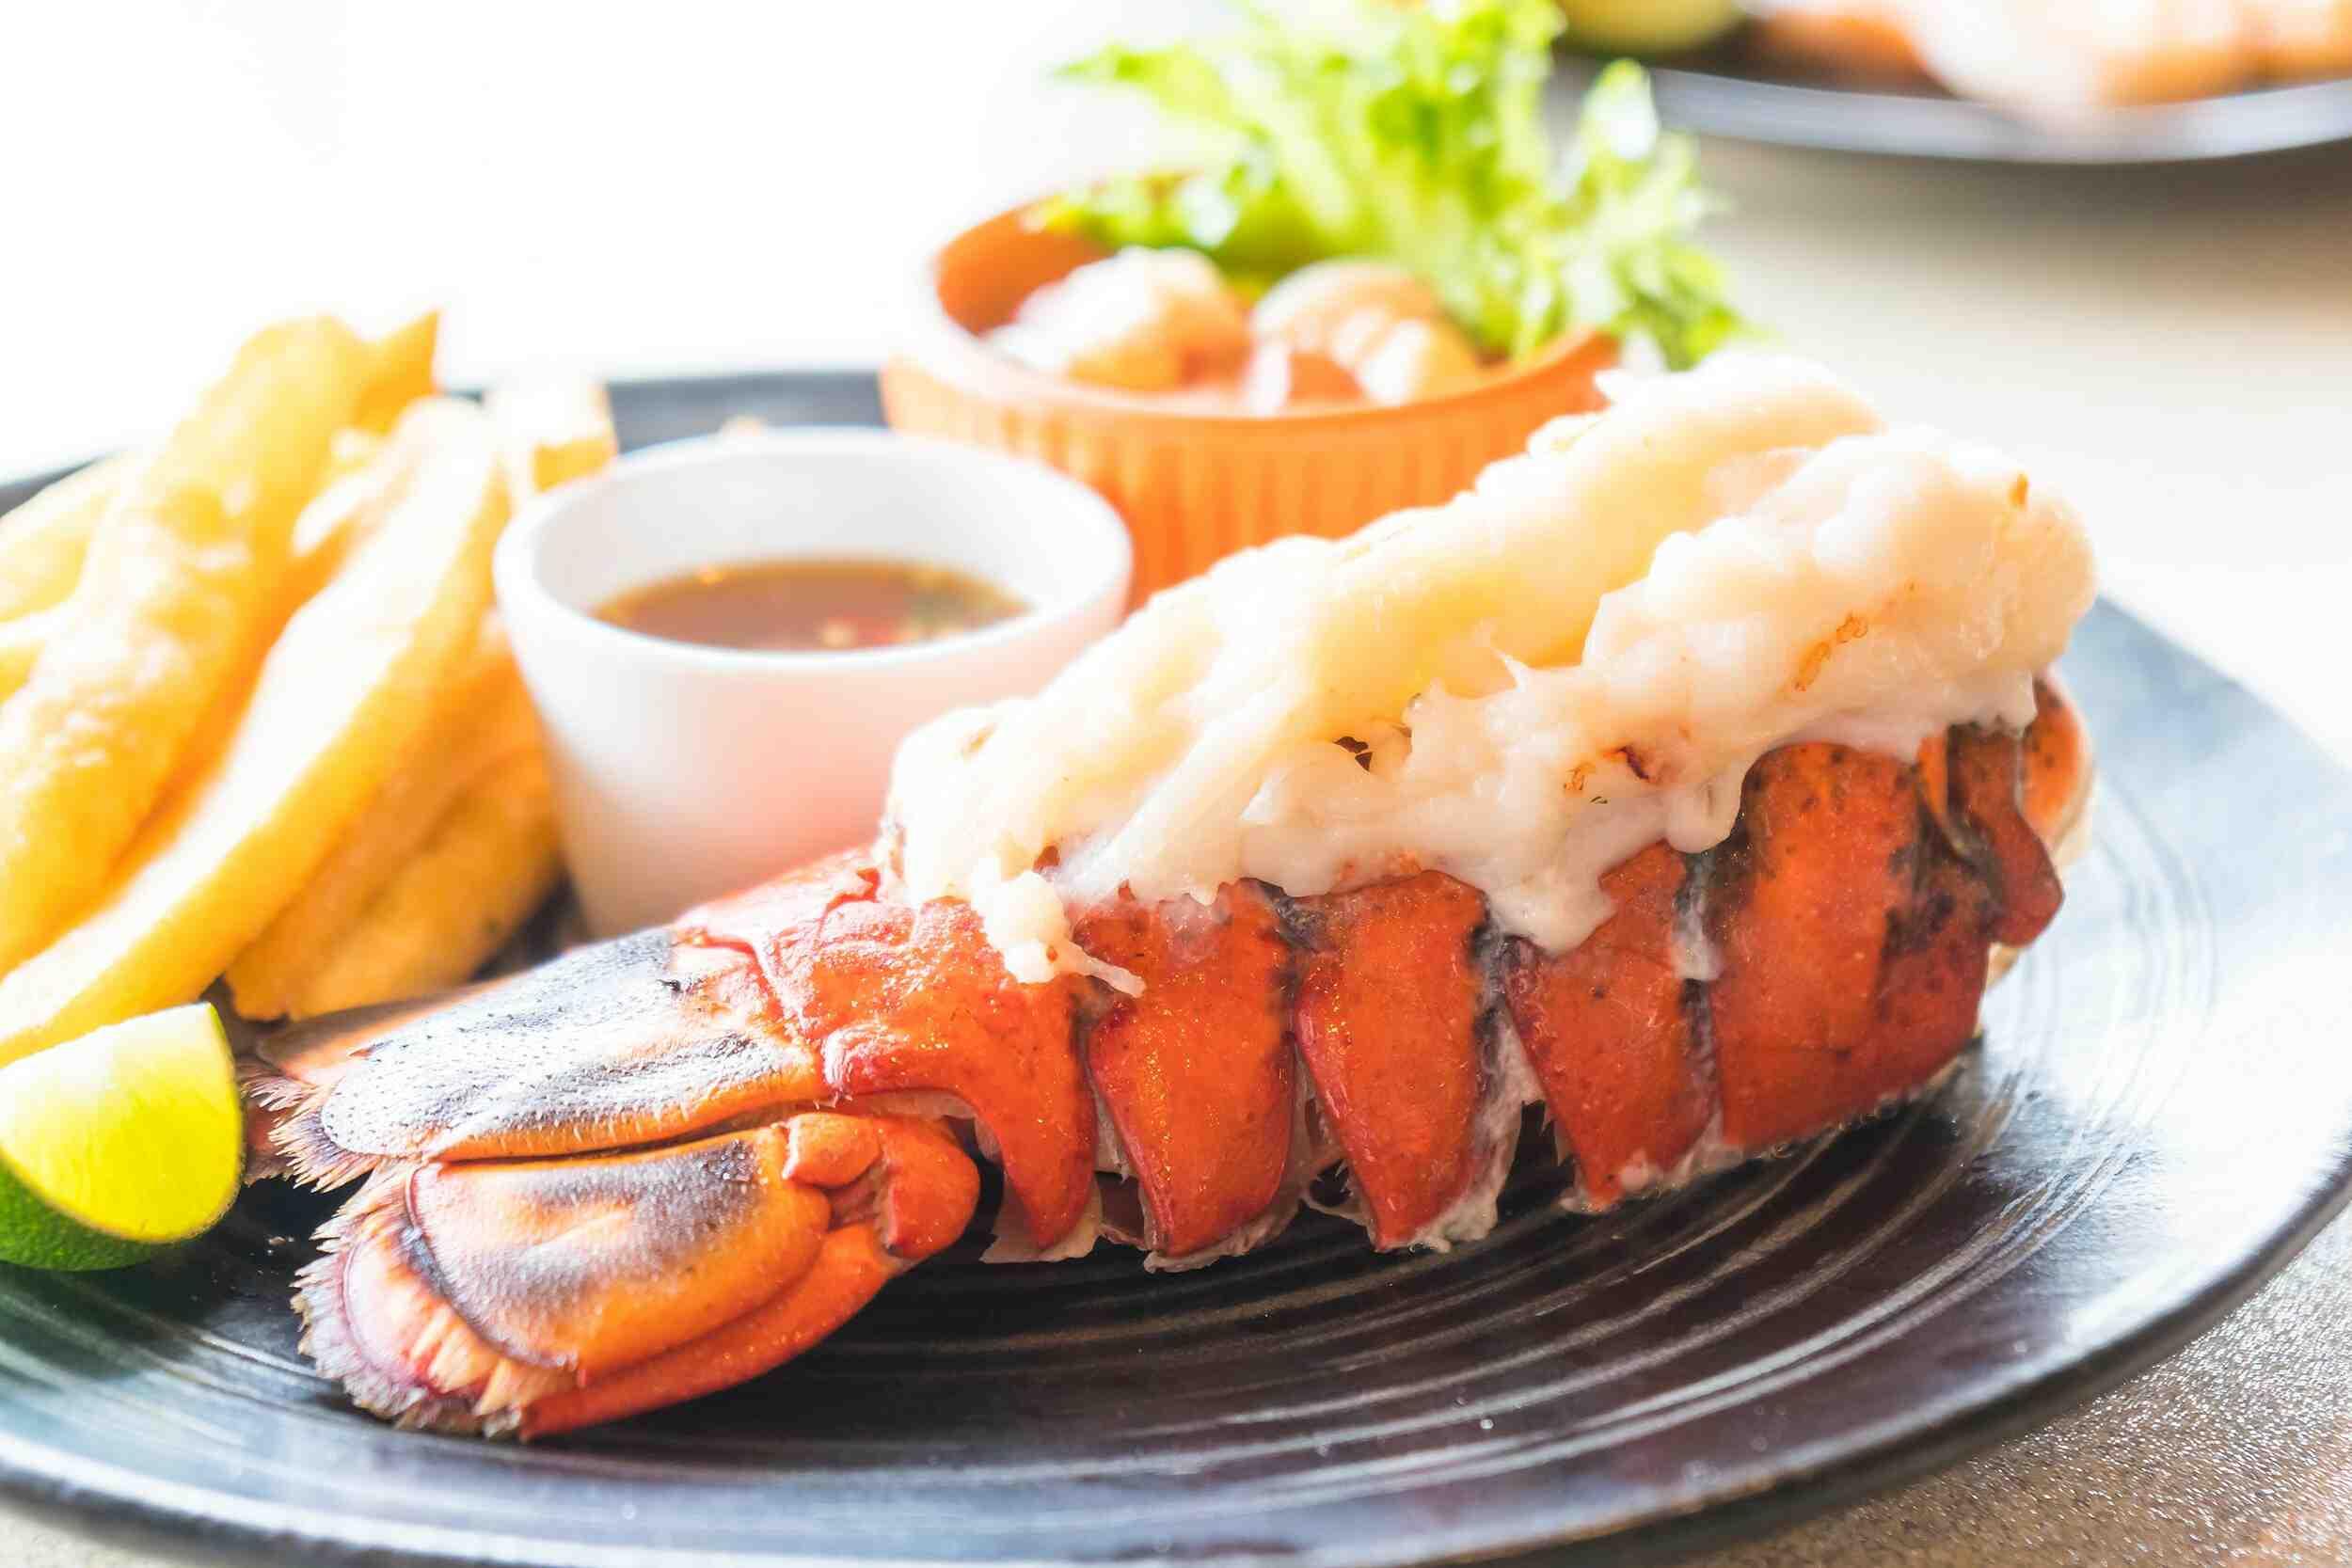 Comment faire bouillir des queues de homard